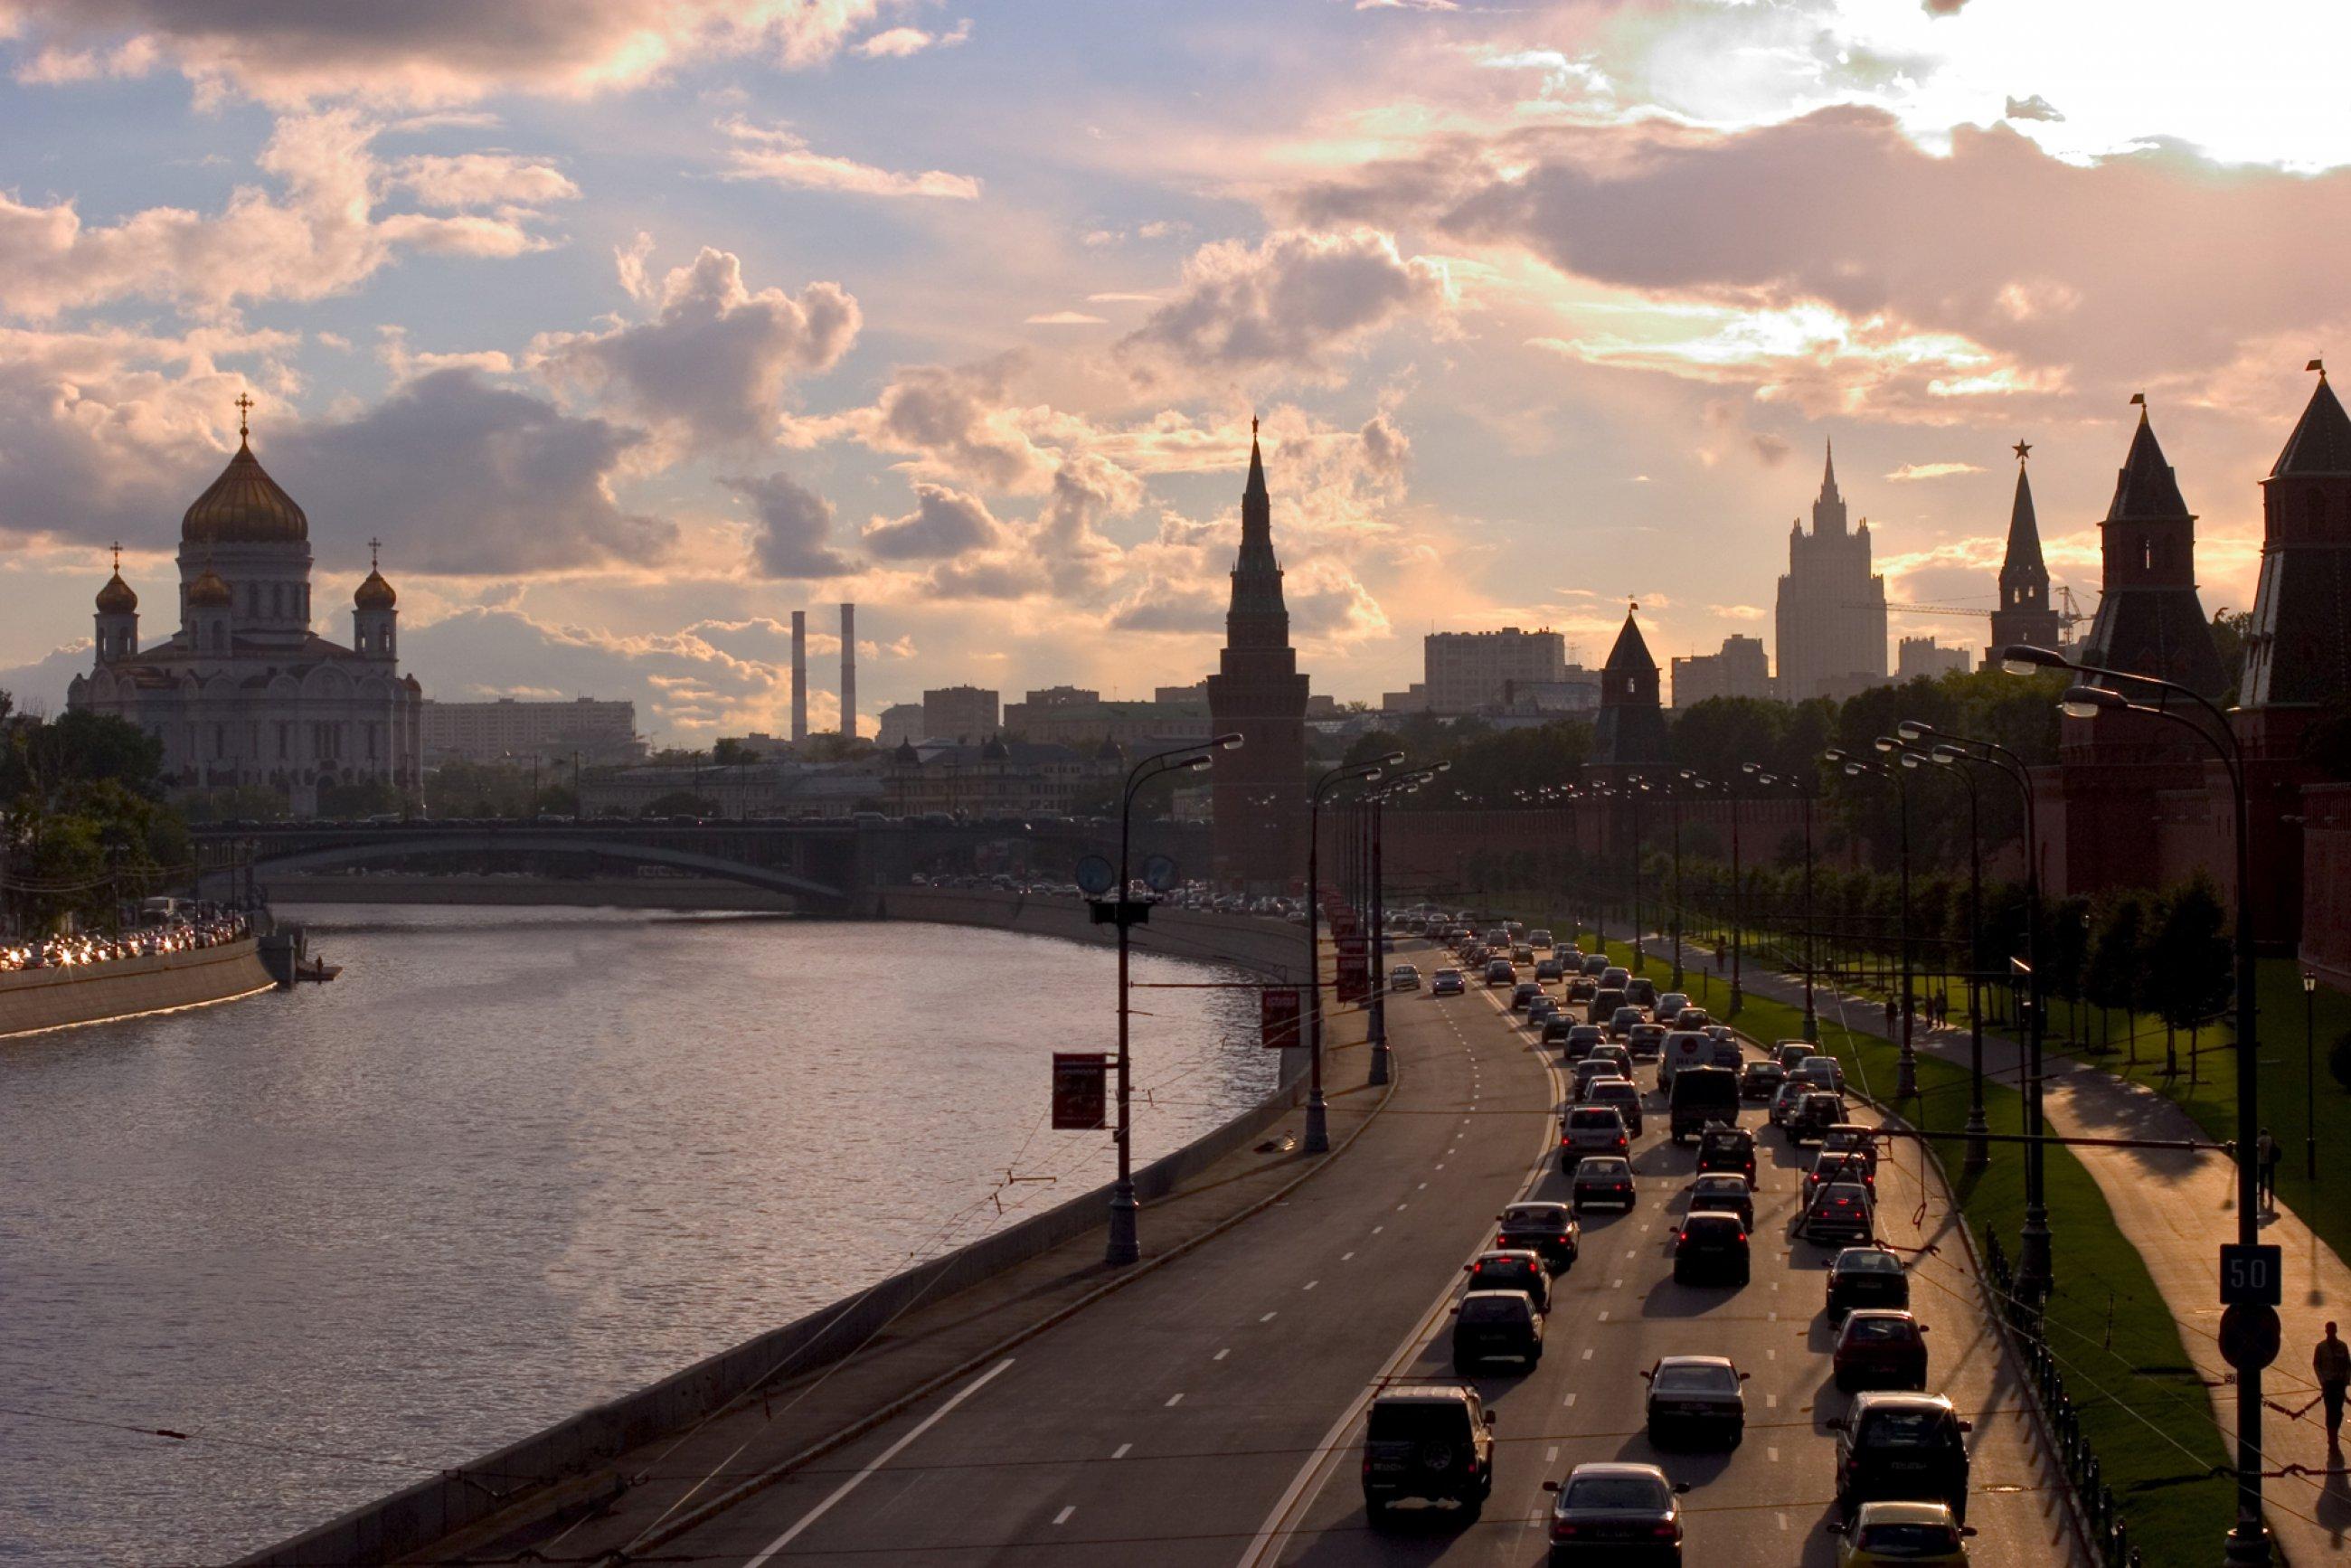 https://bubo.sk/uploads/galleries/5055/kremlevskaya-naberezhnaja-moscow.hires.jpg